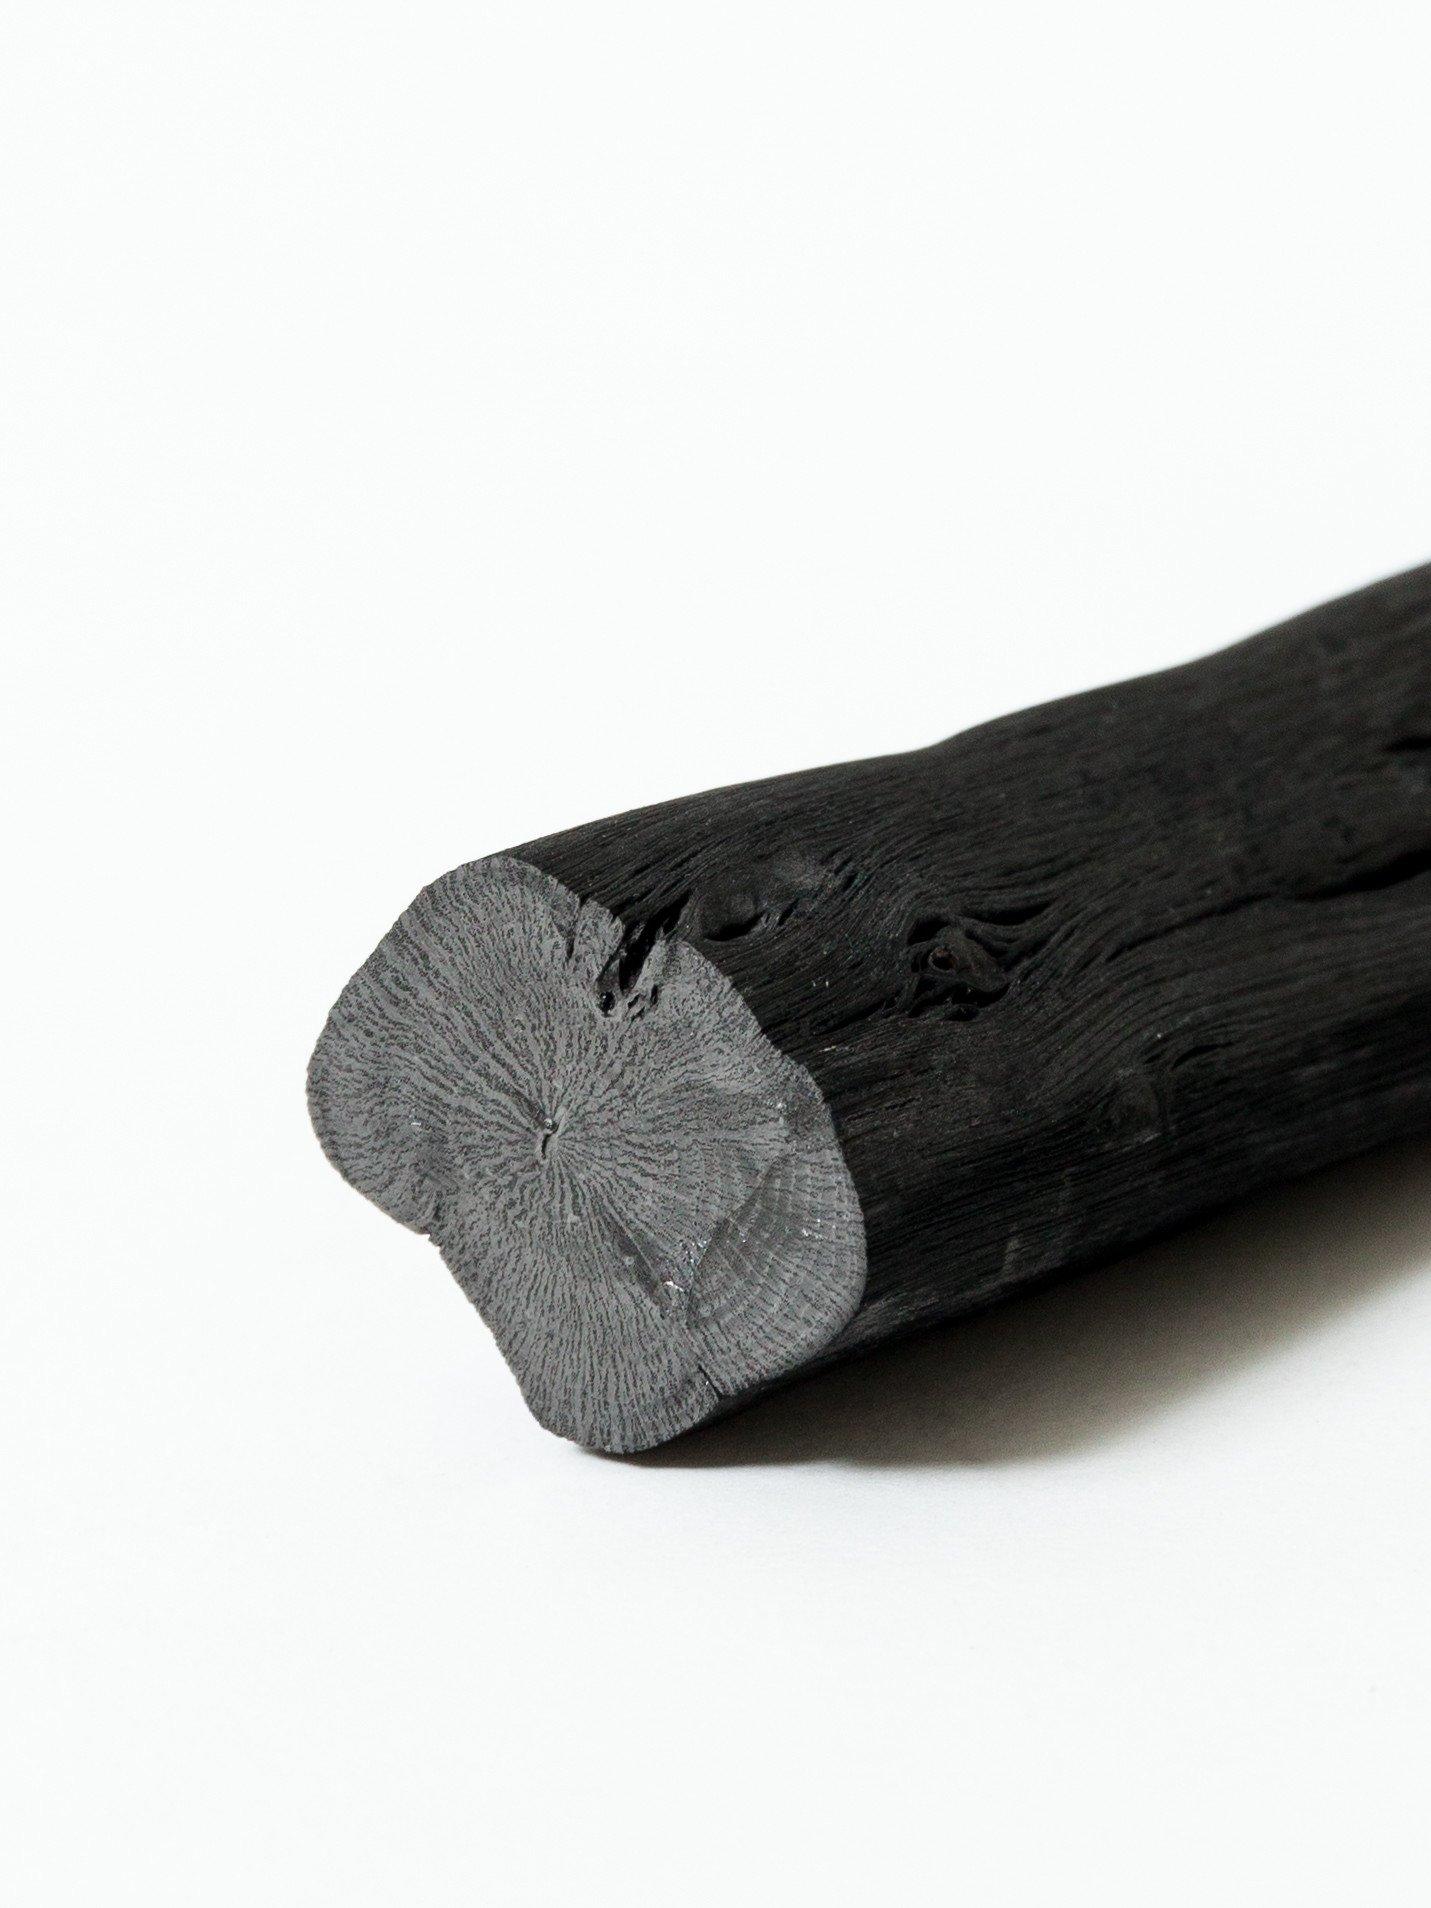 Este filtro de carvão binchotan incorpora uma mola de aço inoxidável que garante que o filtro de carvão se mantém no lugar.